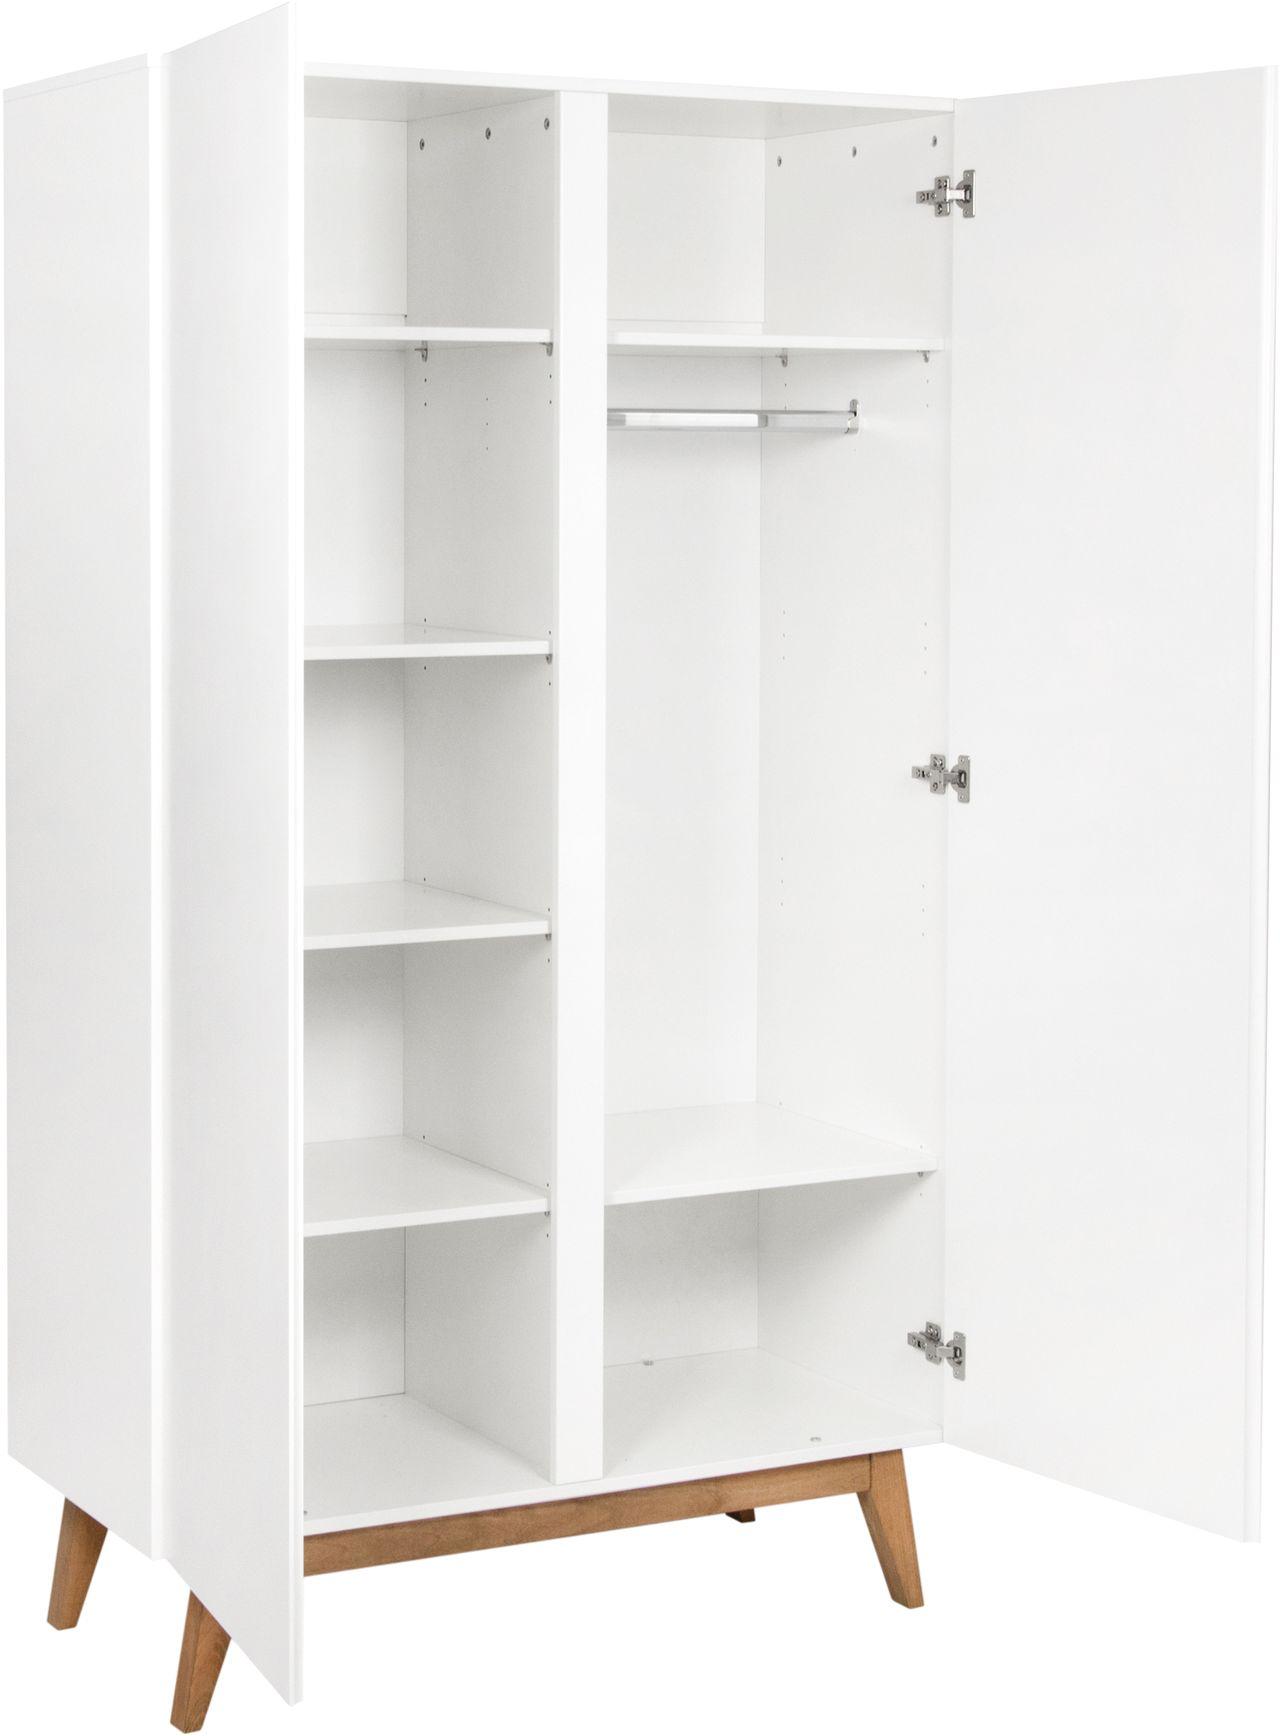 Quax Trendy Weiß Kleiderschrank kaufen - Kleine Fabriek